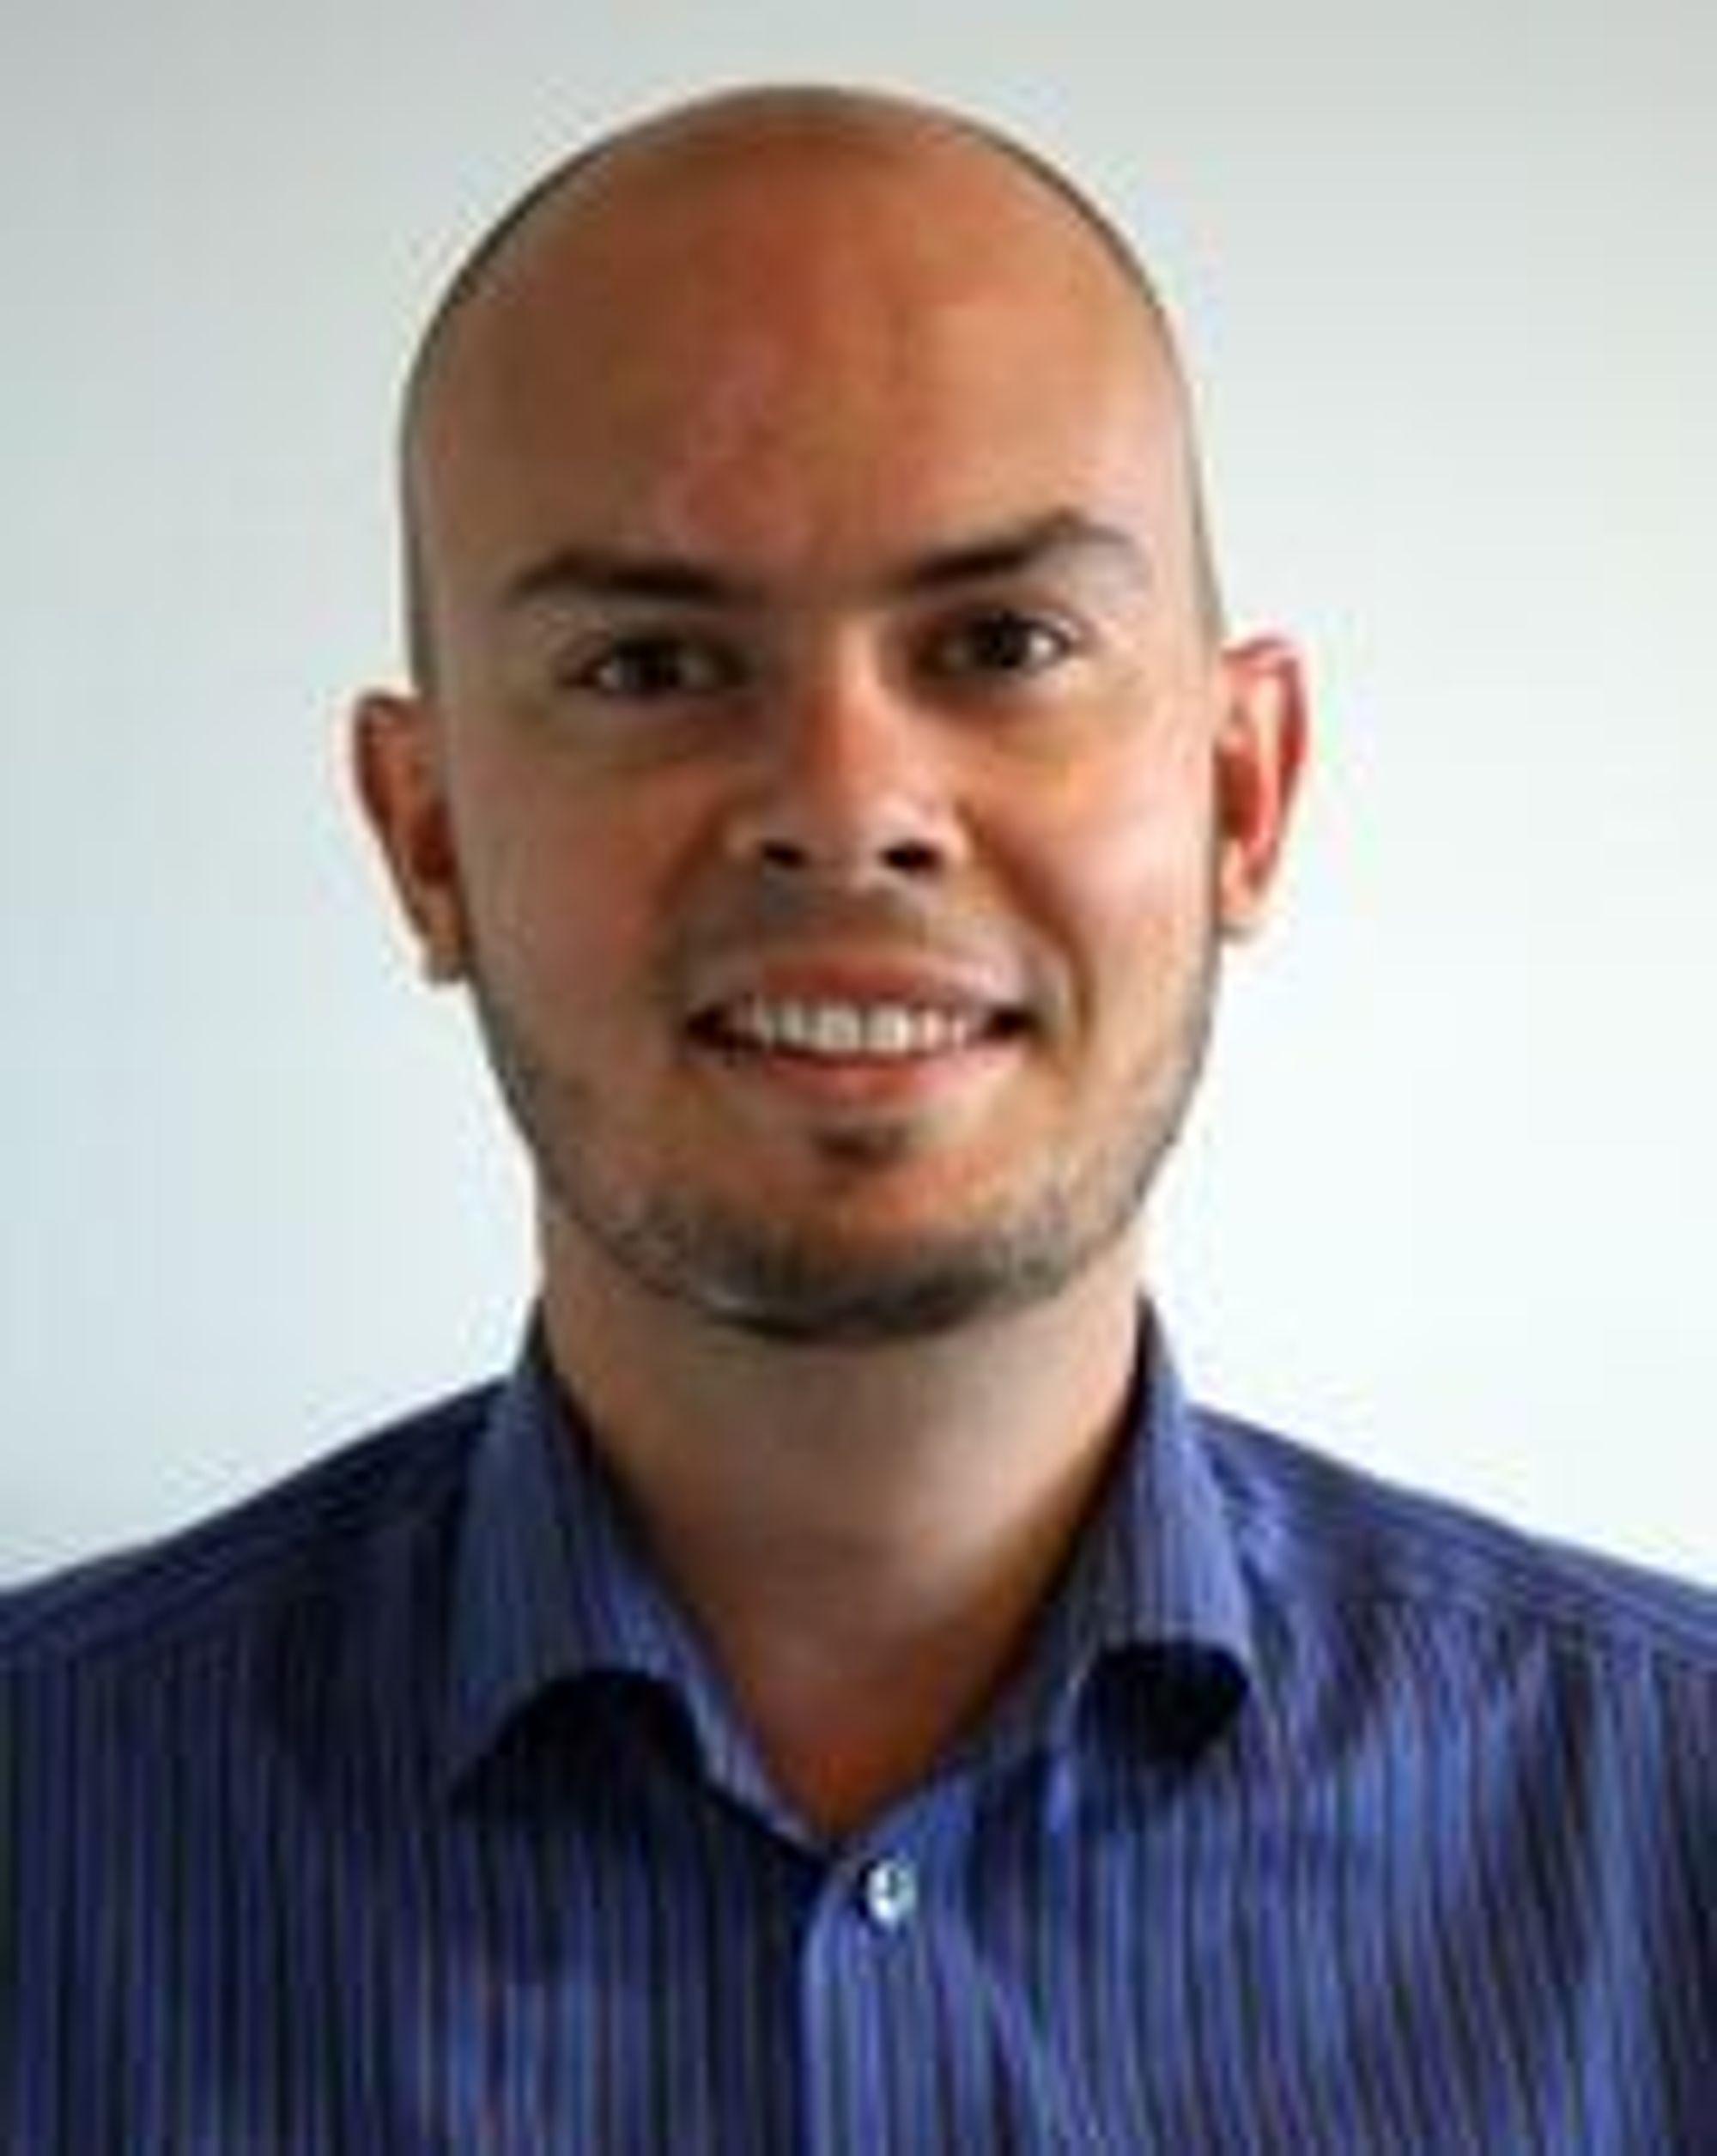 Mobilregulerte soner er en kontroversiell metode, sier underdirektør John-Eivind Velure i Post- og teletilsynet.